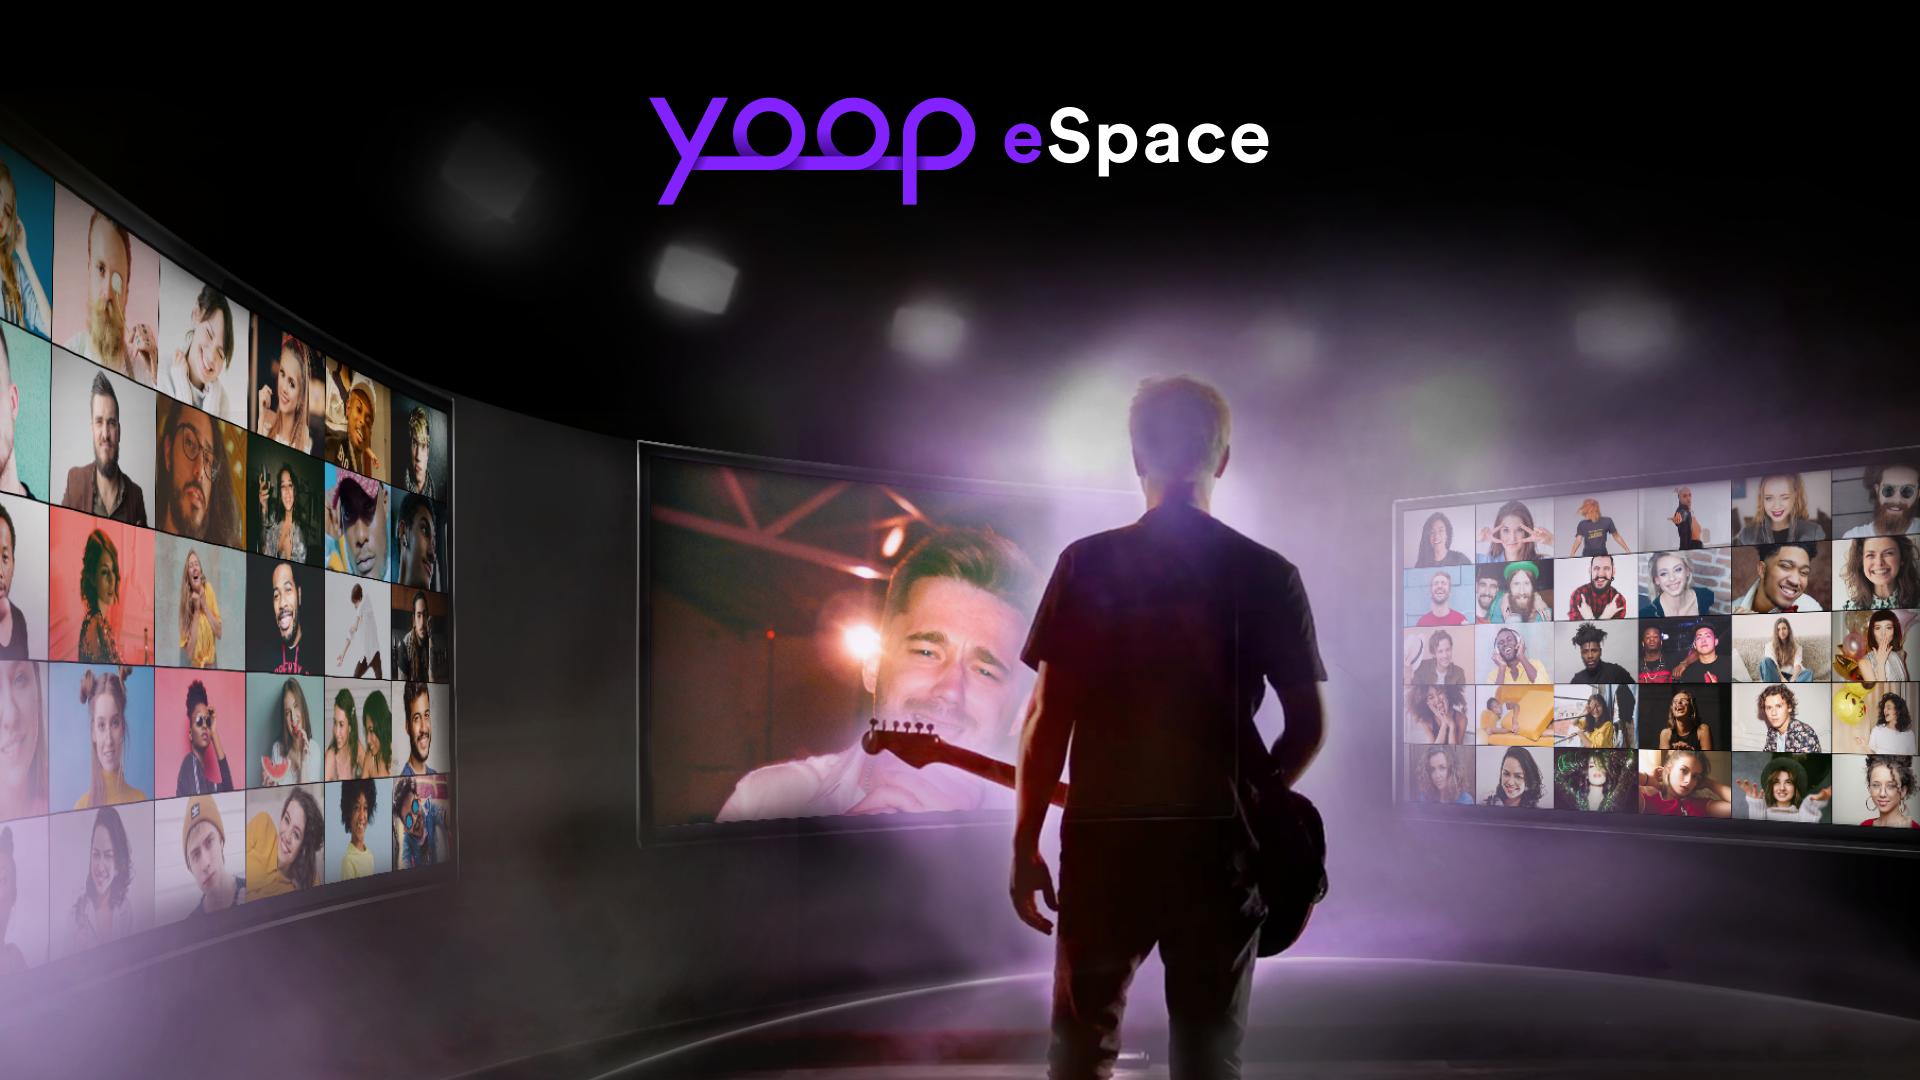 Yoop_eSpace_en